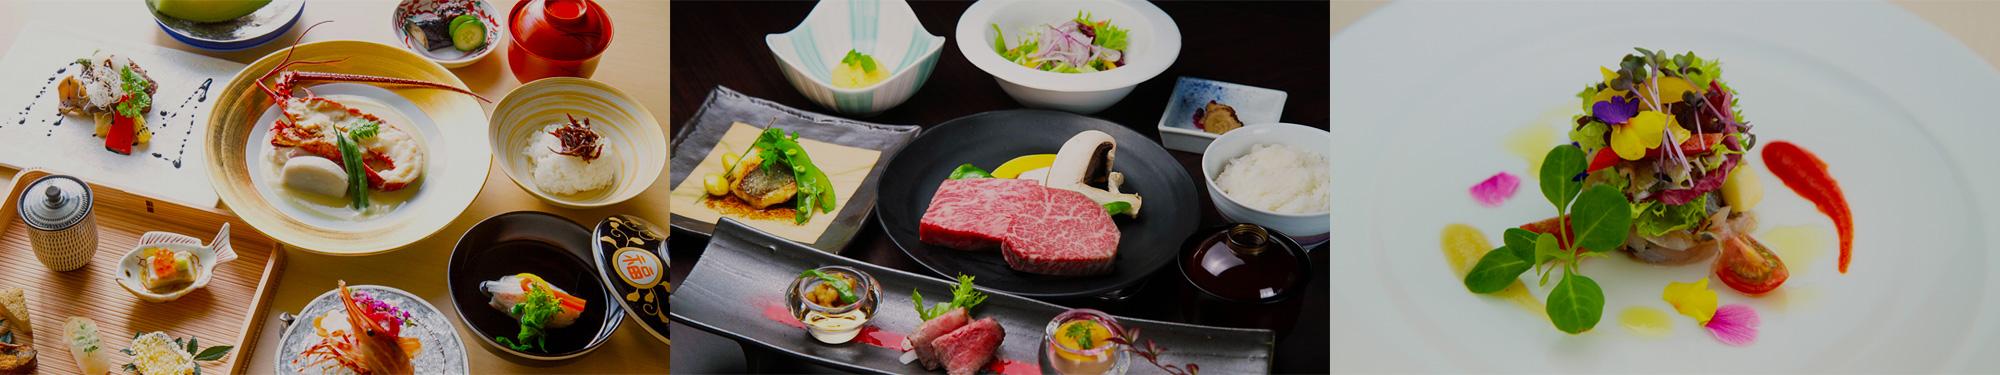 Reservationレストラン予約